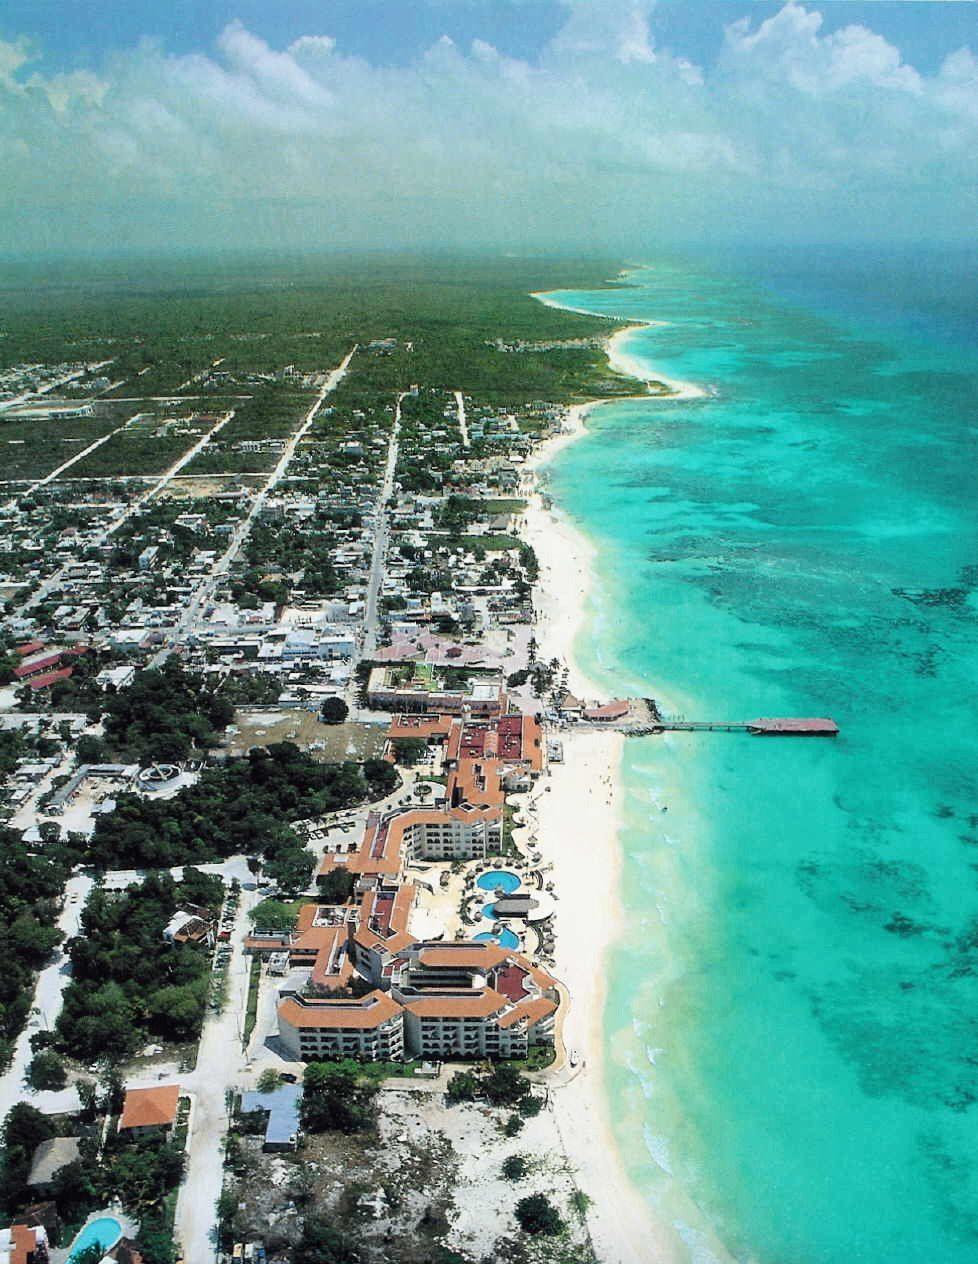 Mexico Riviera Maya Playa Del Carmen Things To Do Mexico Travel Riviera Maya Playa Del Carmen